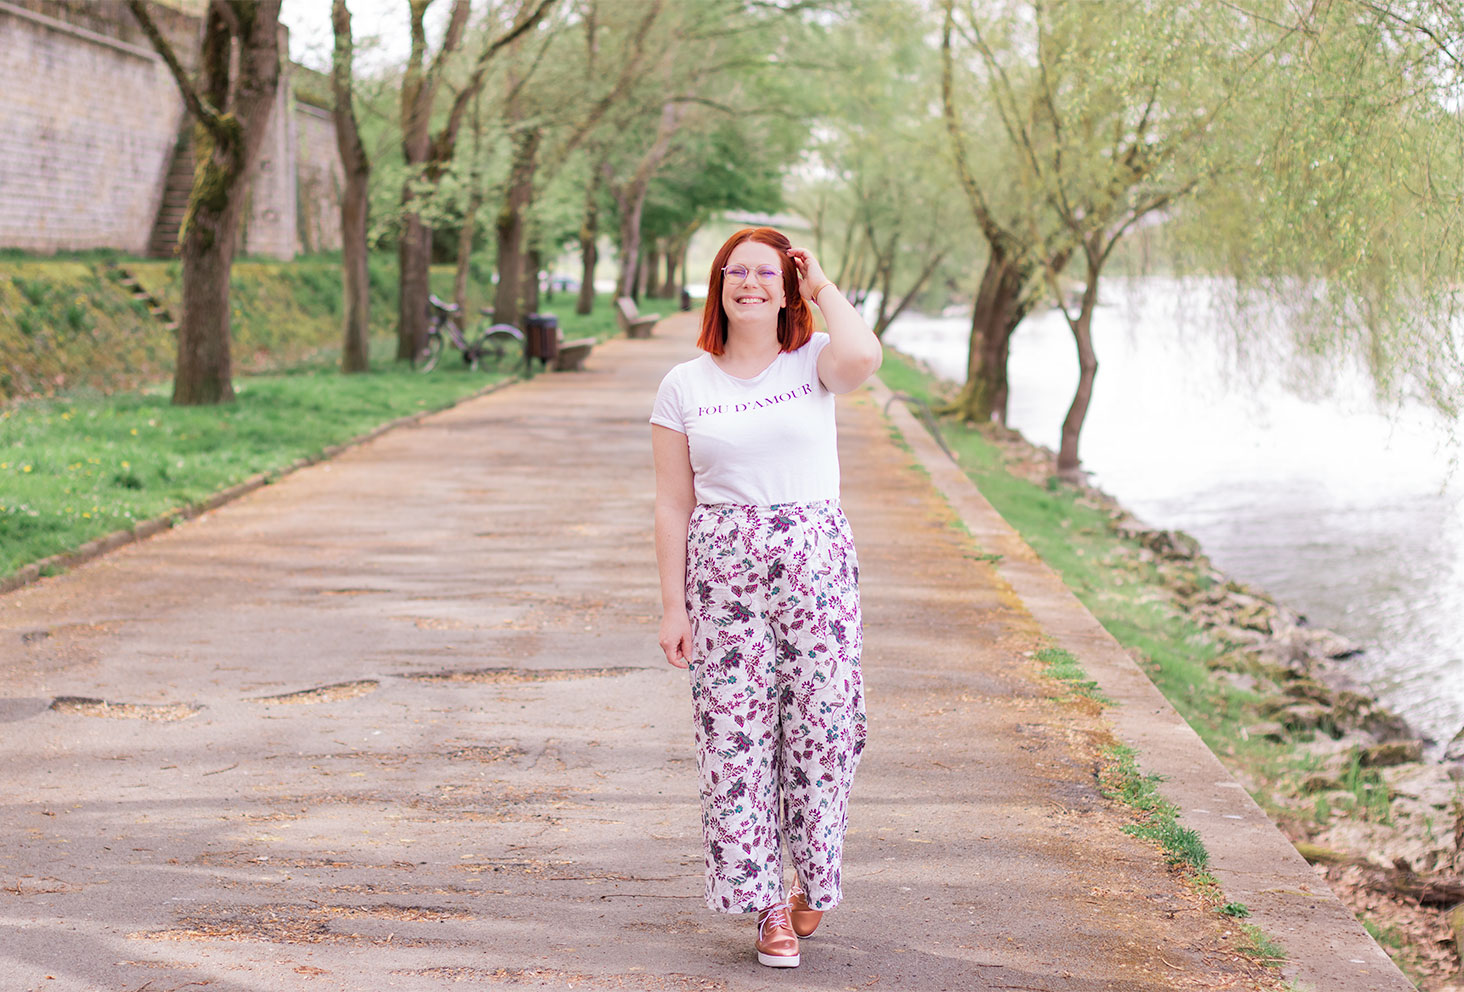 """Sur les bords de Loire, une main dans les cheveux, en pantalon fluide blanc à fleurs violettes et t-shirt """"Fou D'amour"""""""